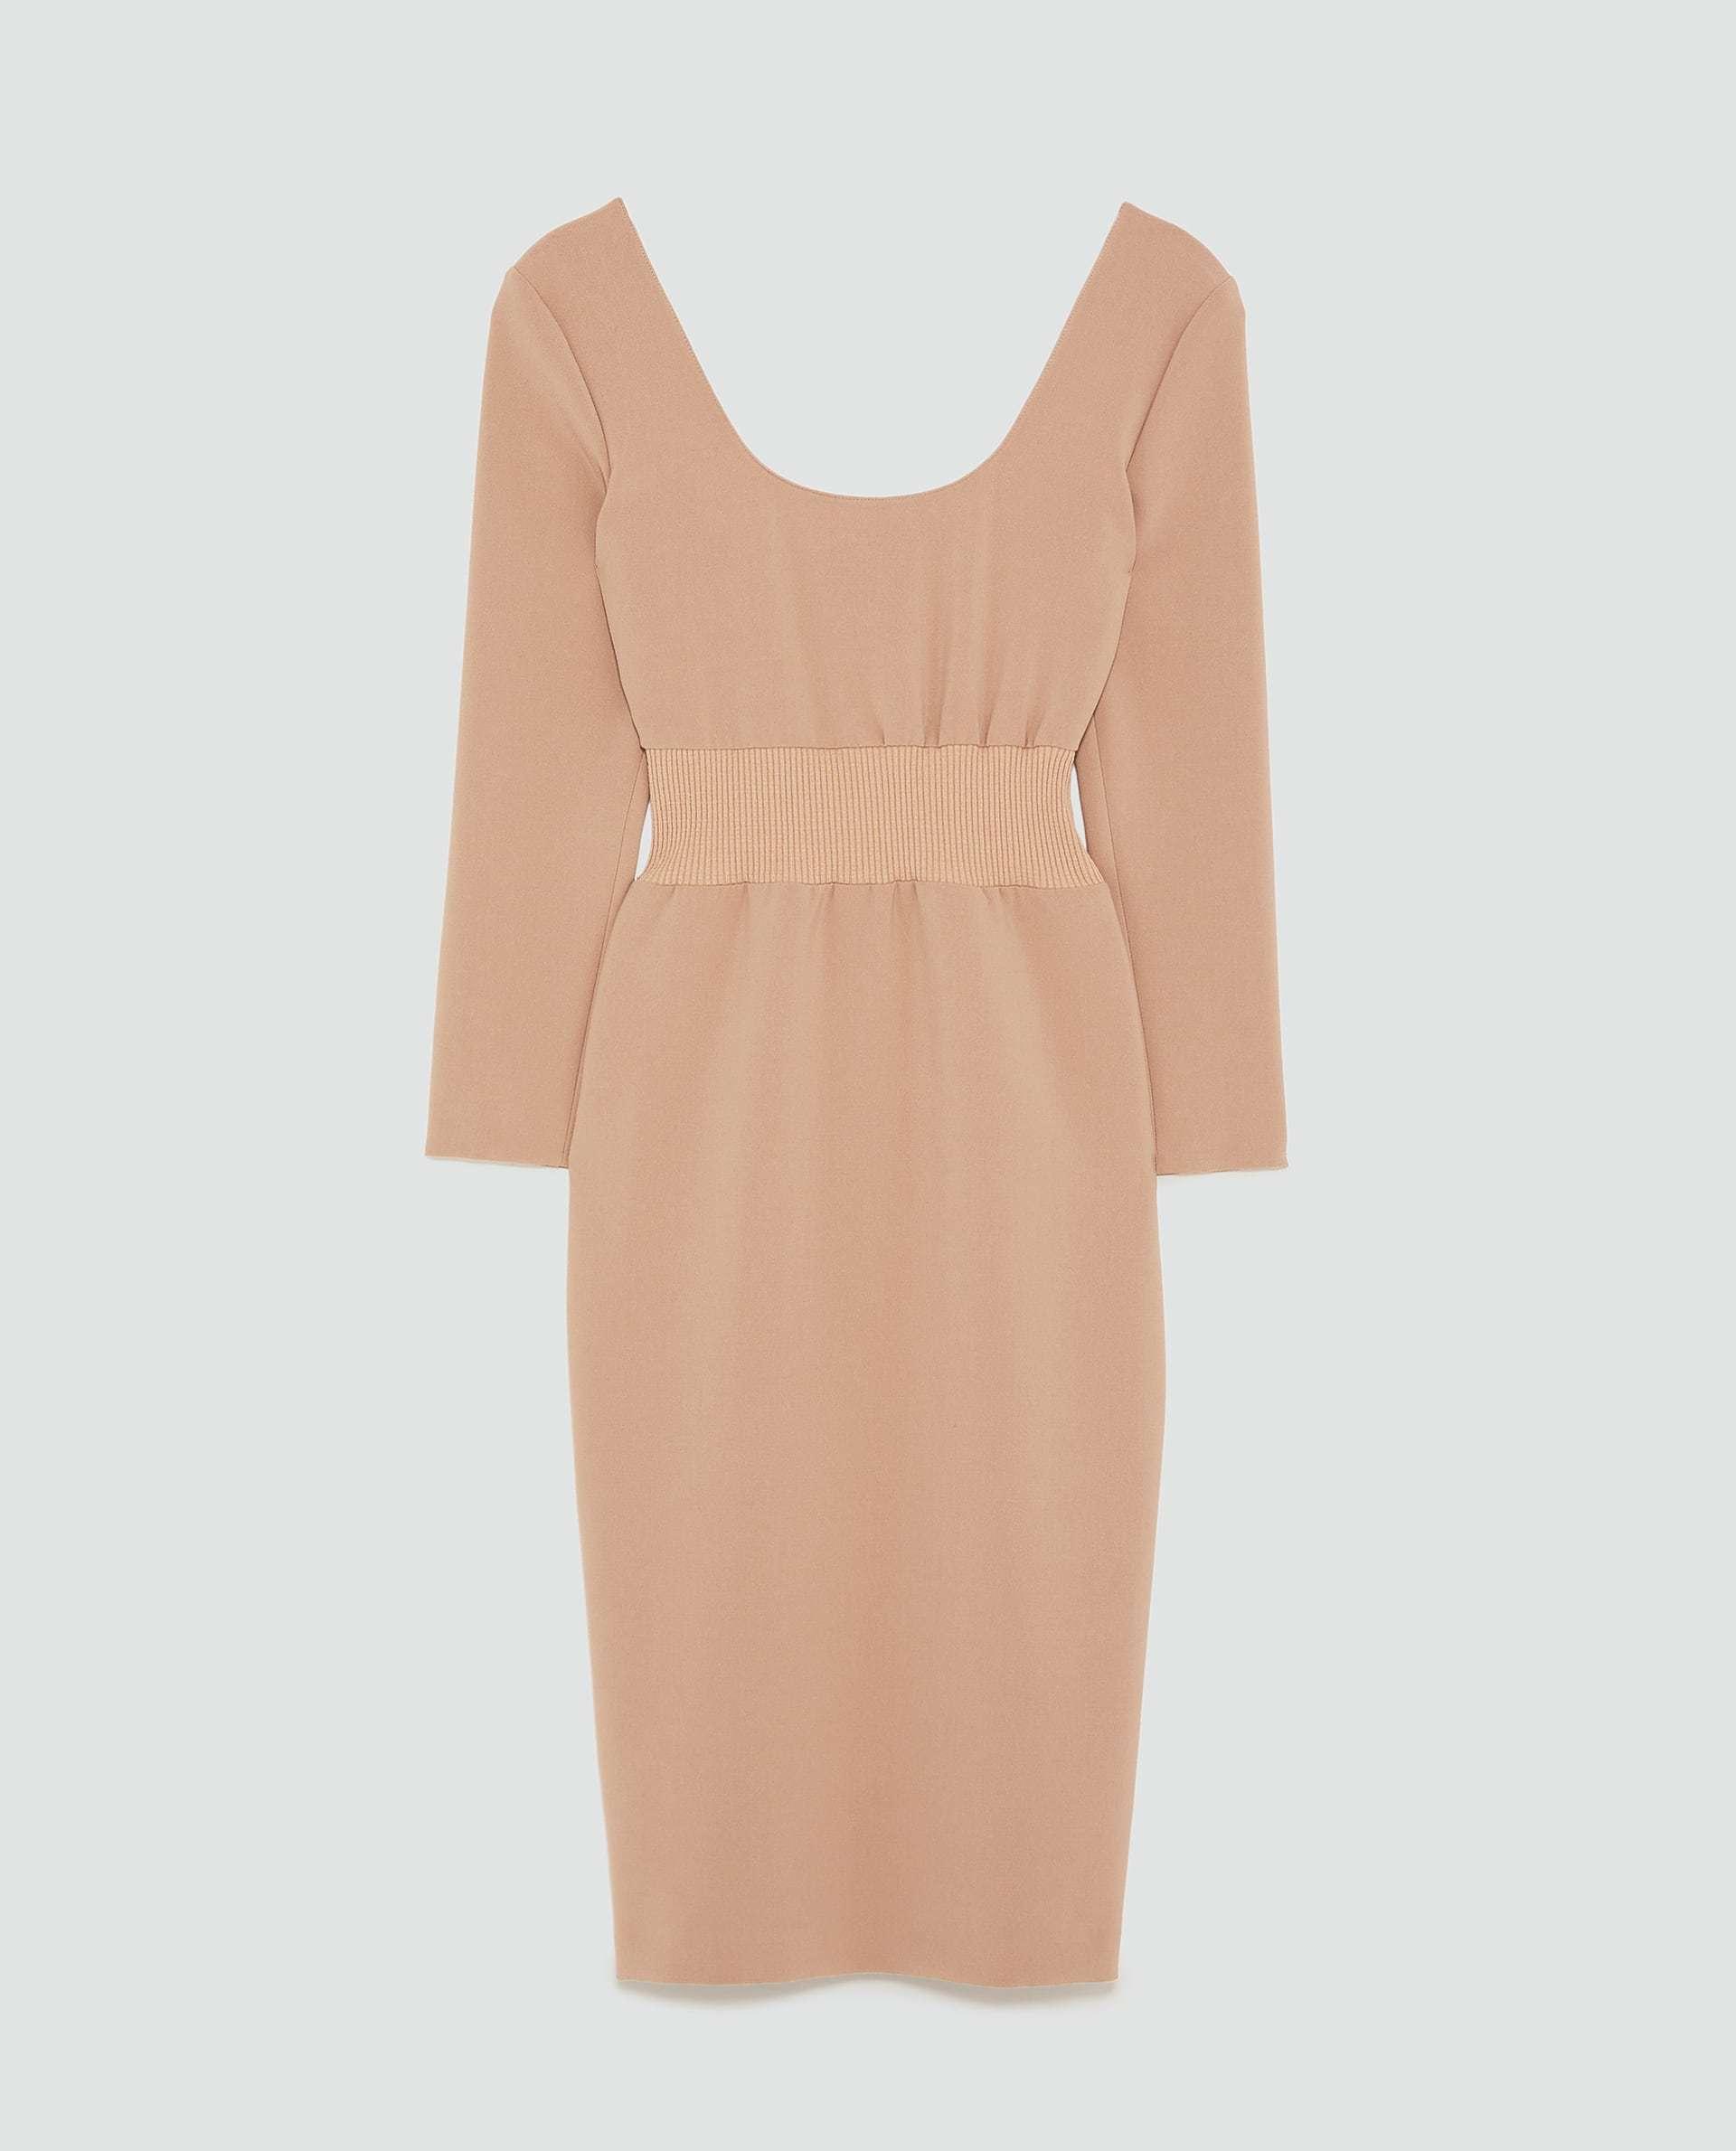 Vestido de Zara (49,95 euros)